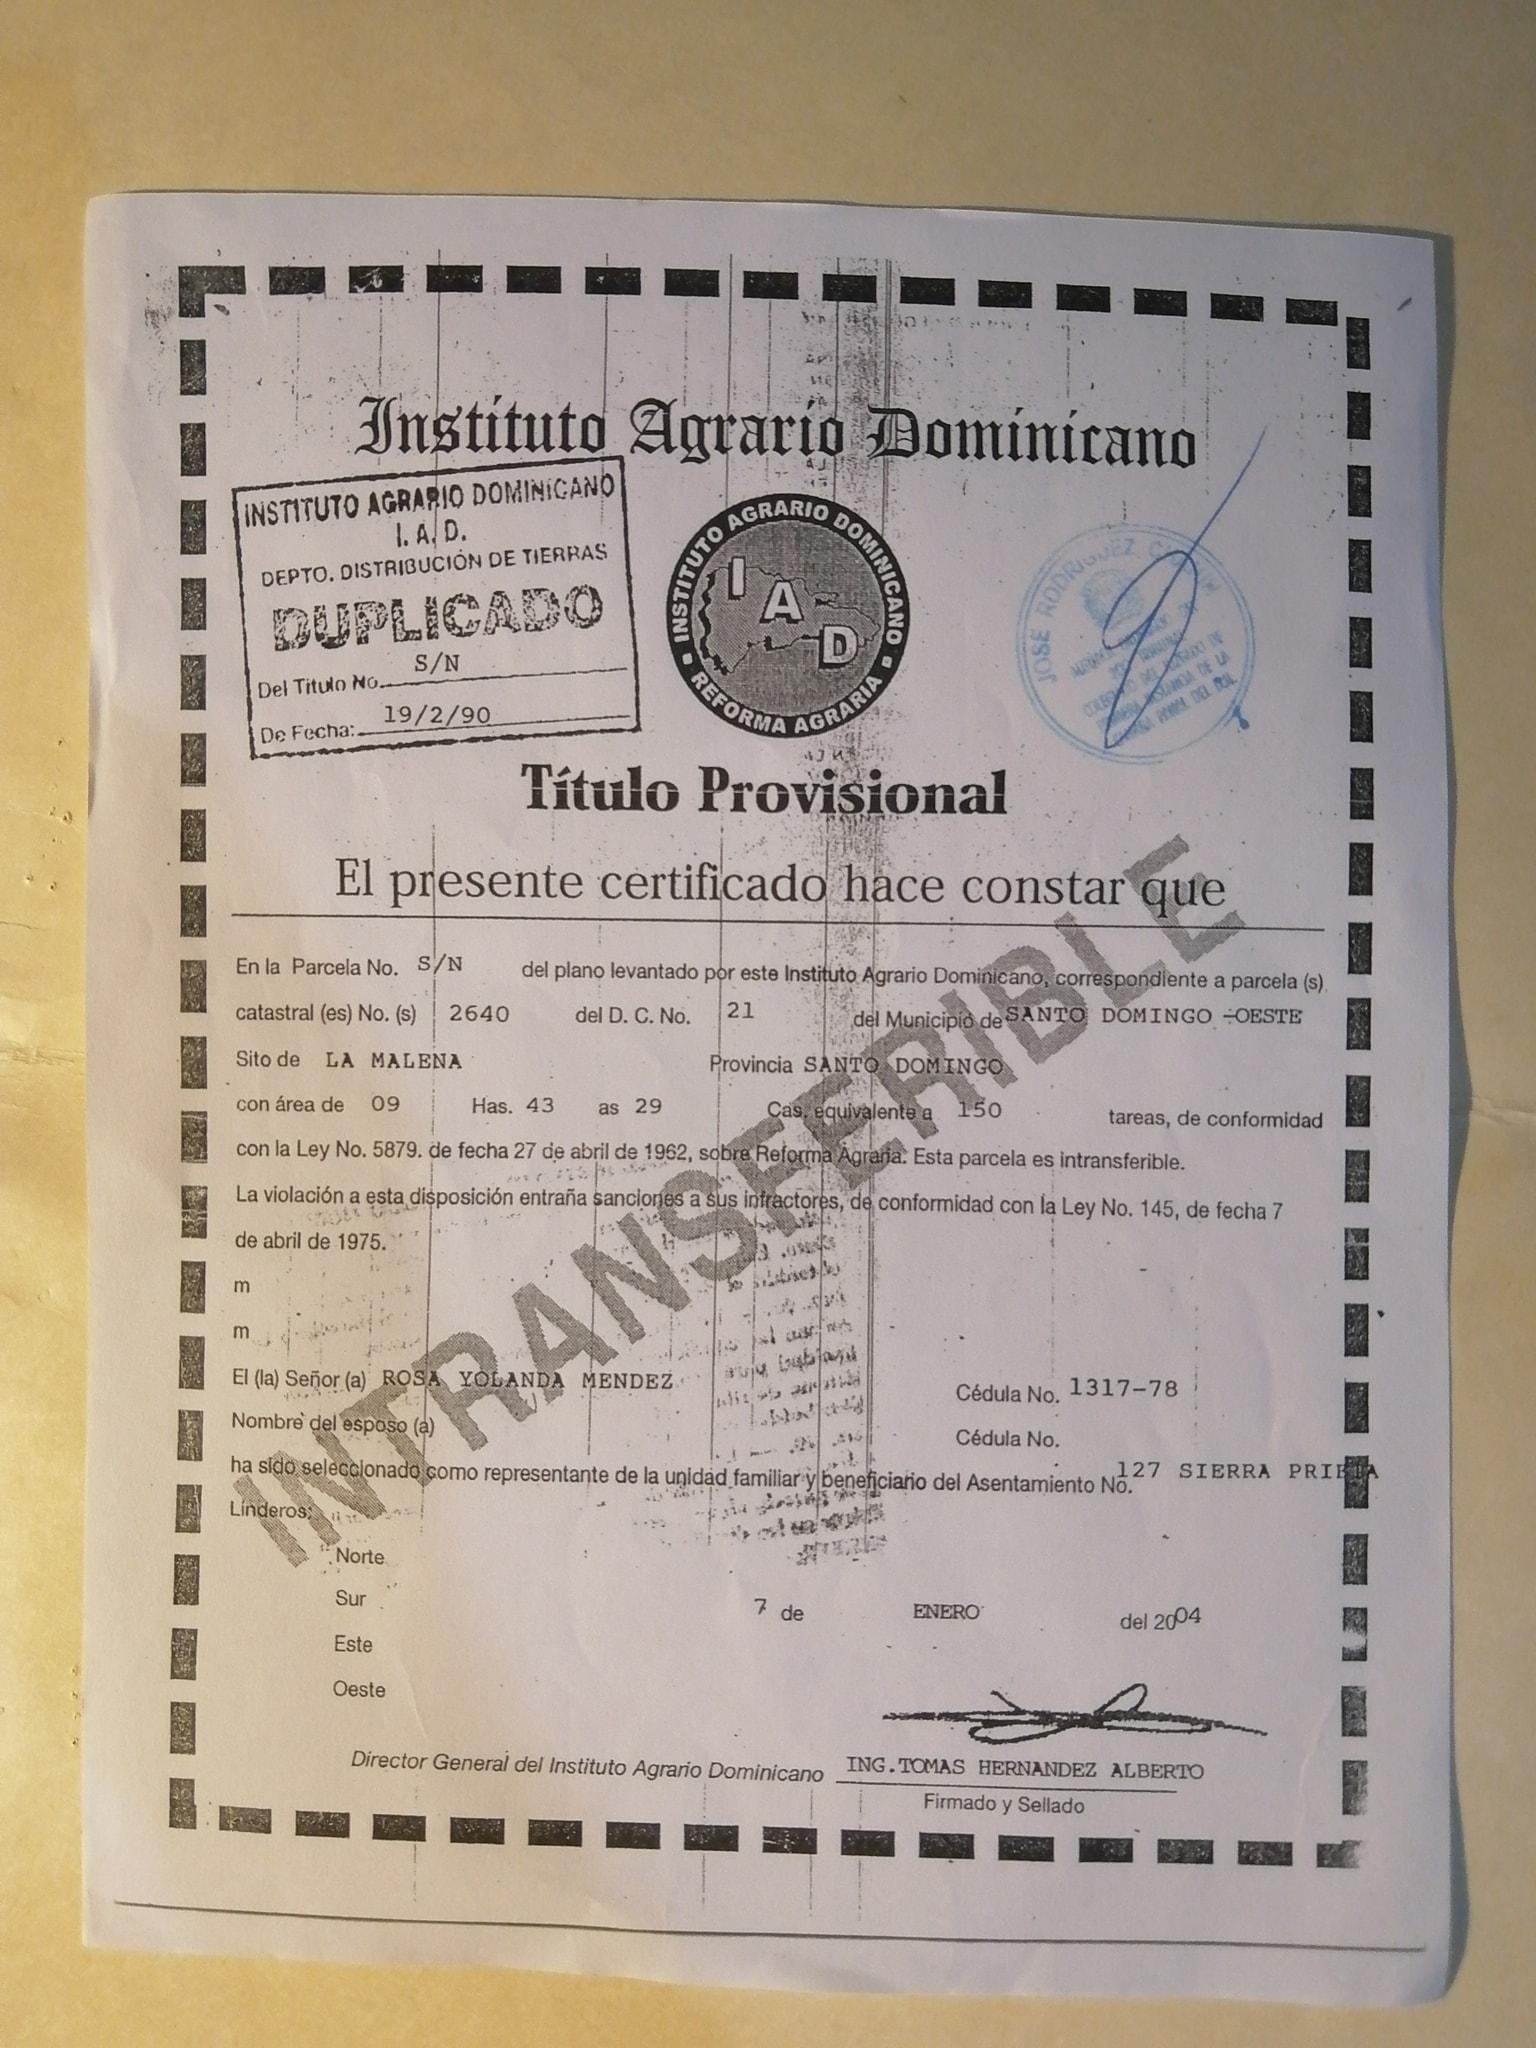 Imágenes sobre los documentos de propiedad mostrados por Beltré